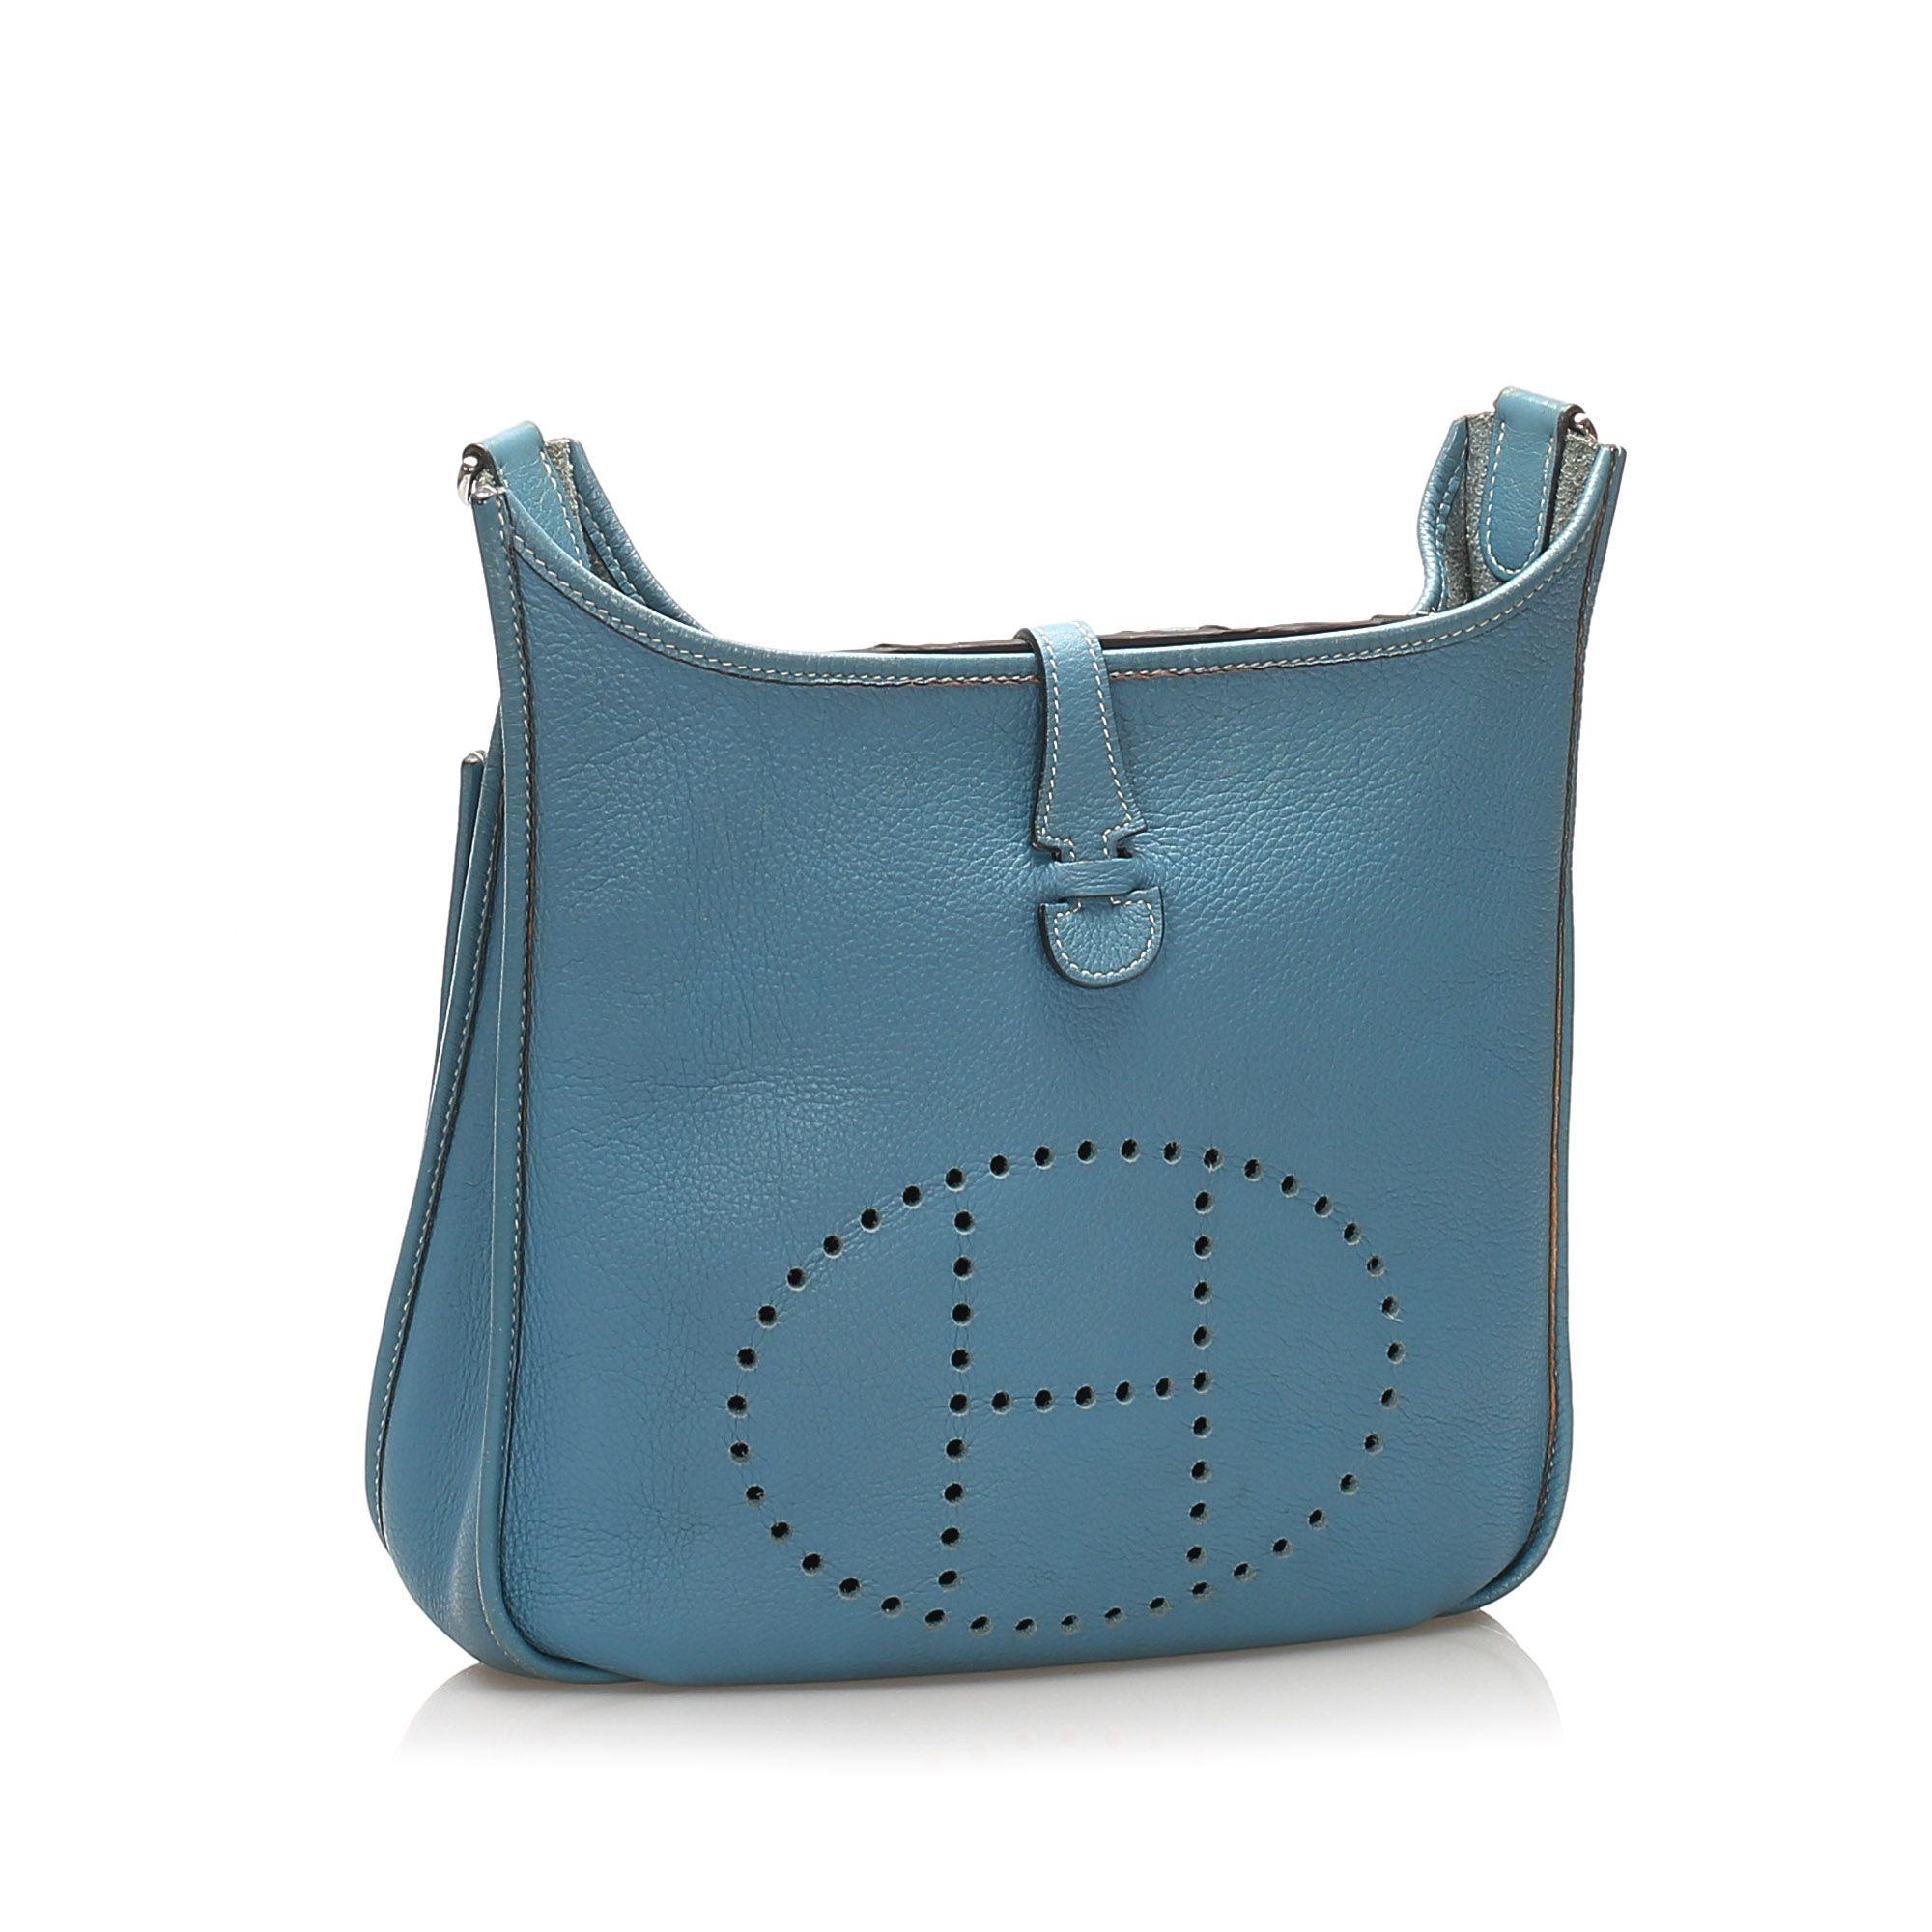 Vintage Hermes Togo Evelyne PM Blue